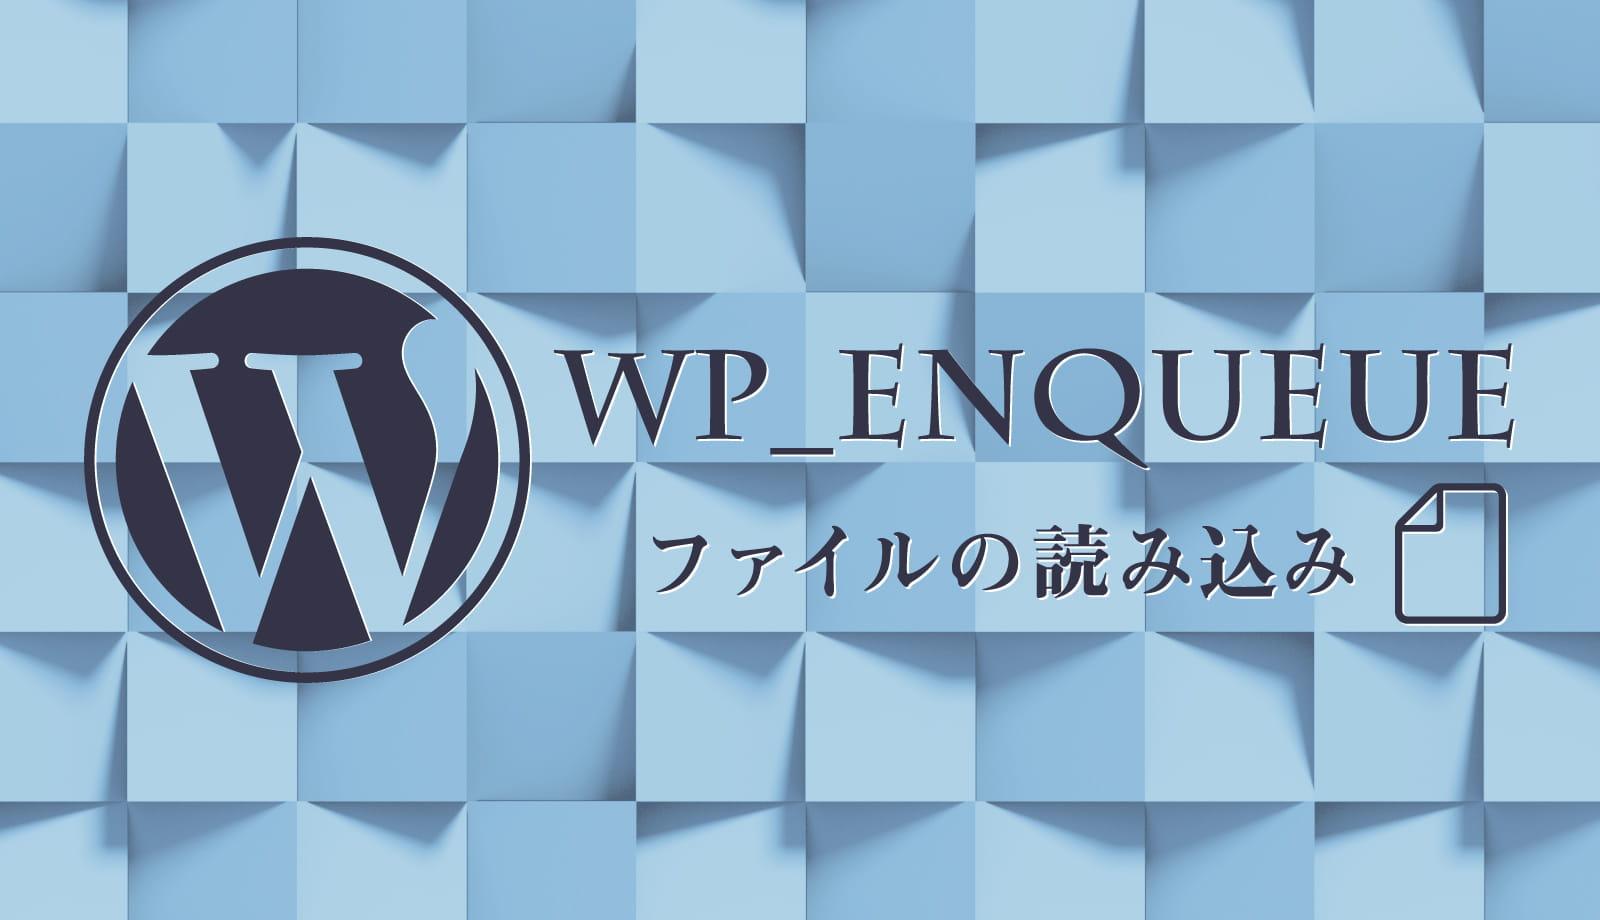 WordPressでファイルを読み込むためのwp_enqueue_styleとwp_enqueue_scriptの使い方と引数の意味を理解しておこう。